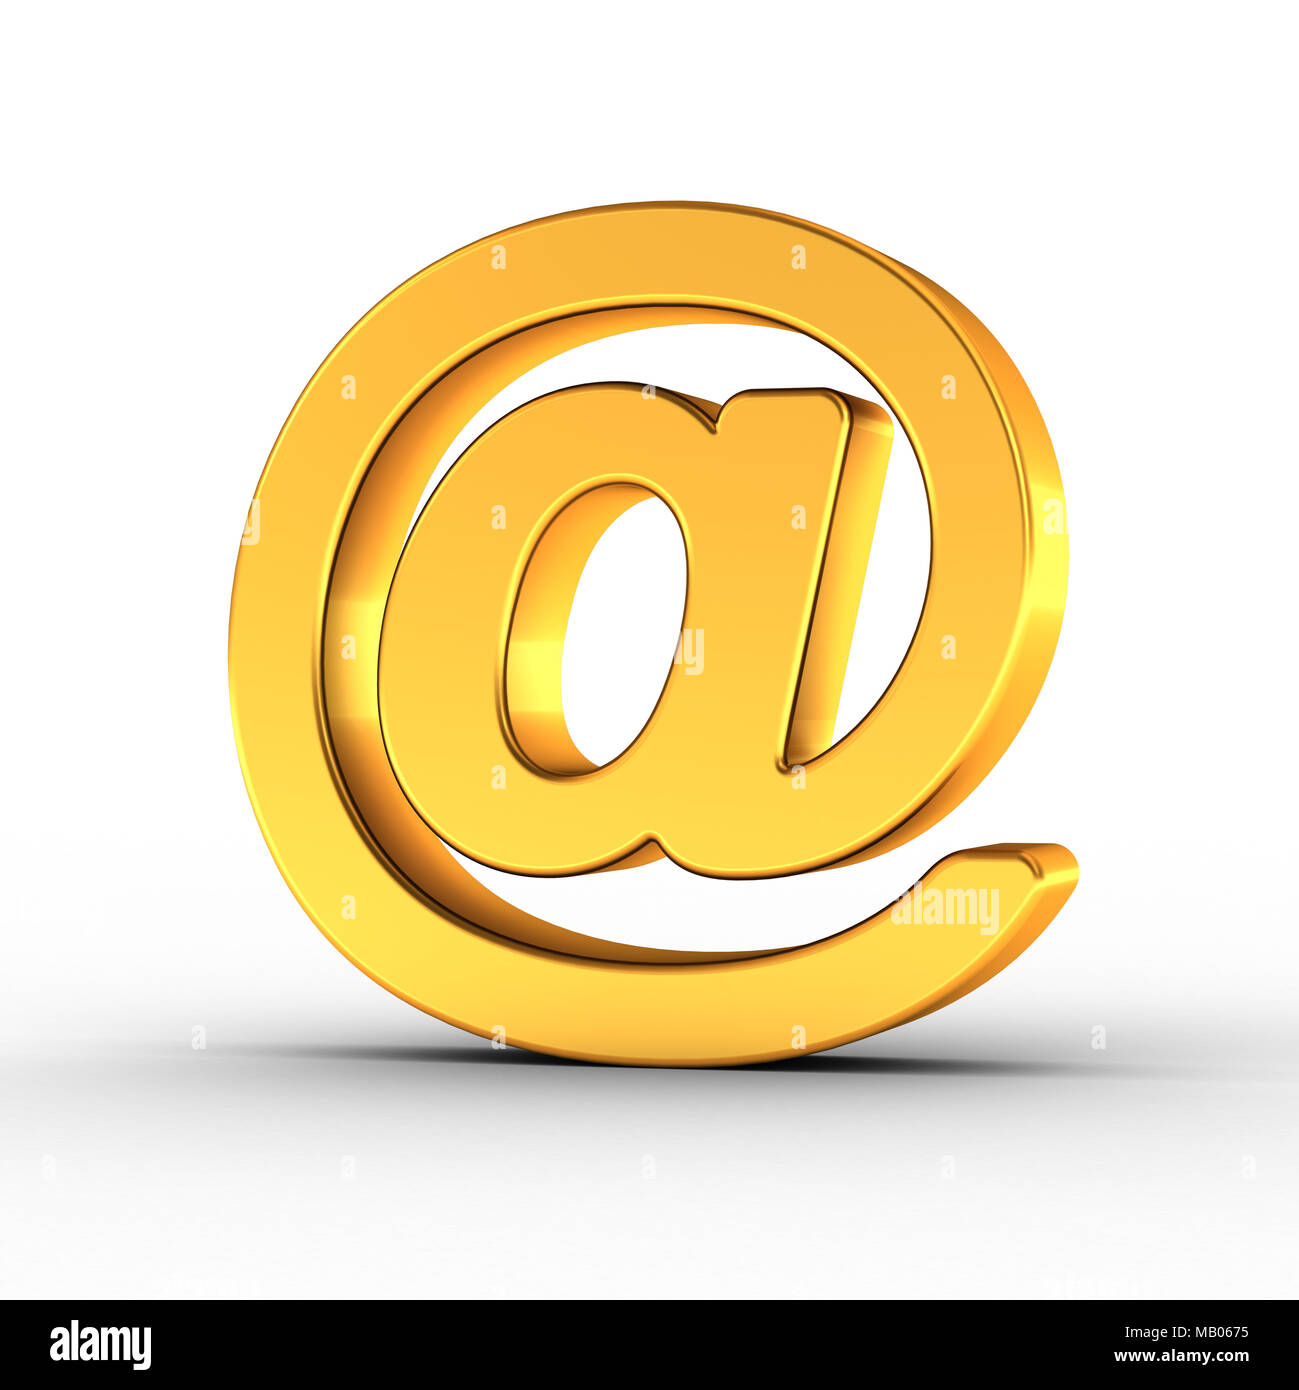 Il simbolo di posta elettronica come un lucido oggetto d'oro su sfondo bianco con tracciato di ritaglio per un rapido e accurato isolamento. Immagini Stock